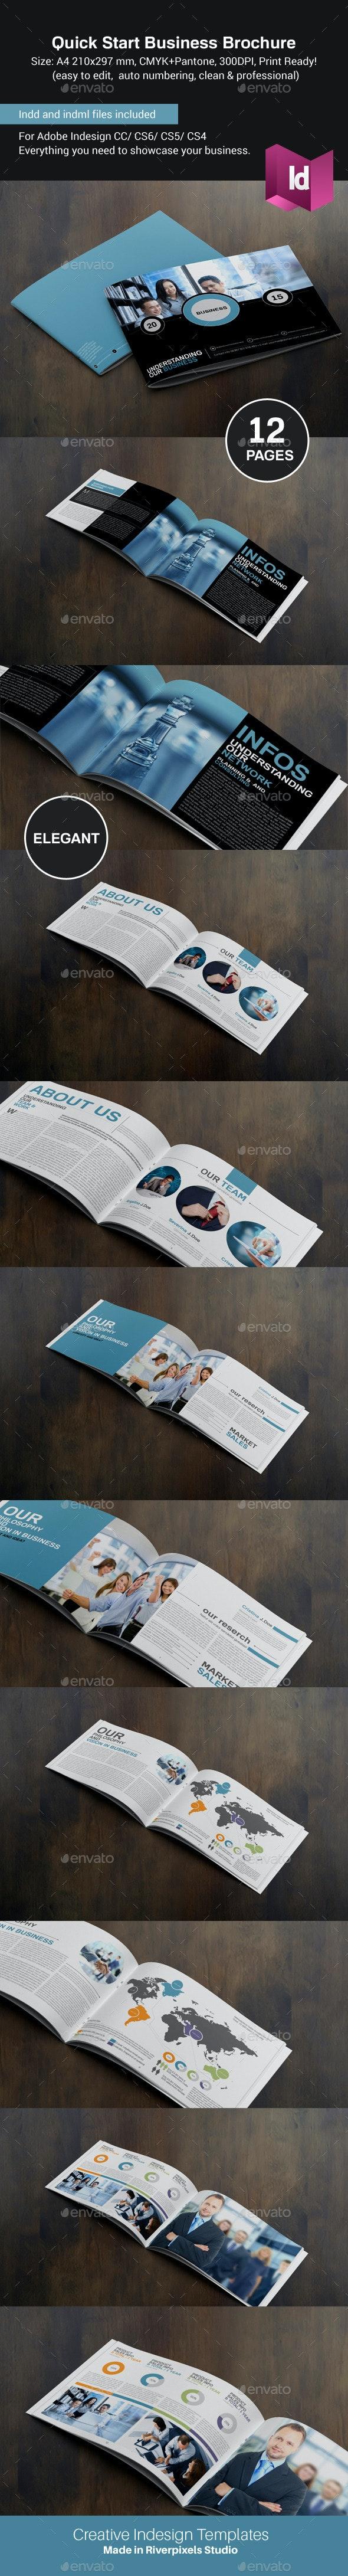 Quick Start Business Brochure  - Corporate Brochures